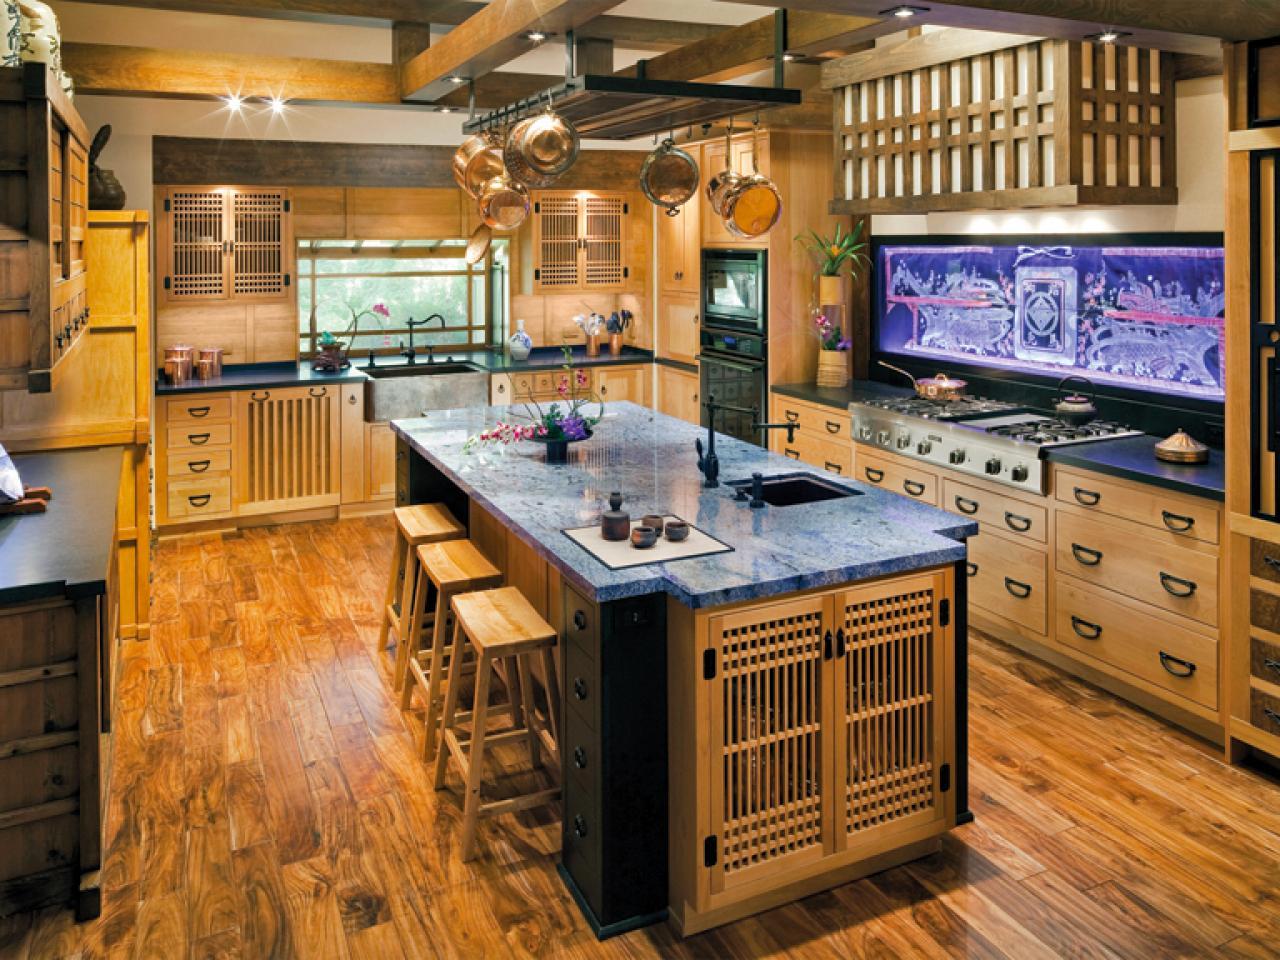 armoires de cuisine style japonais - Rénover sa cuisine